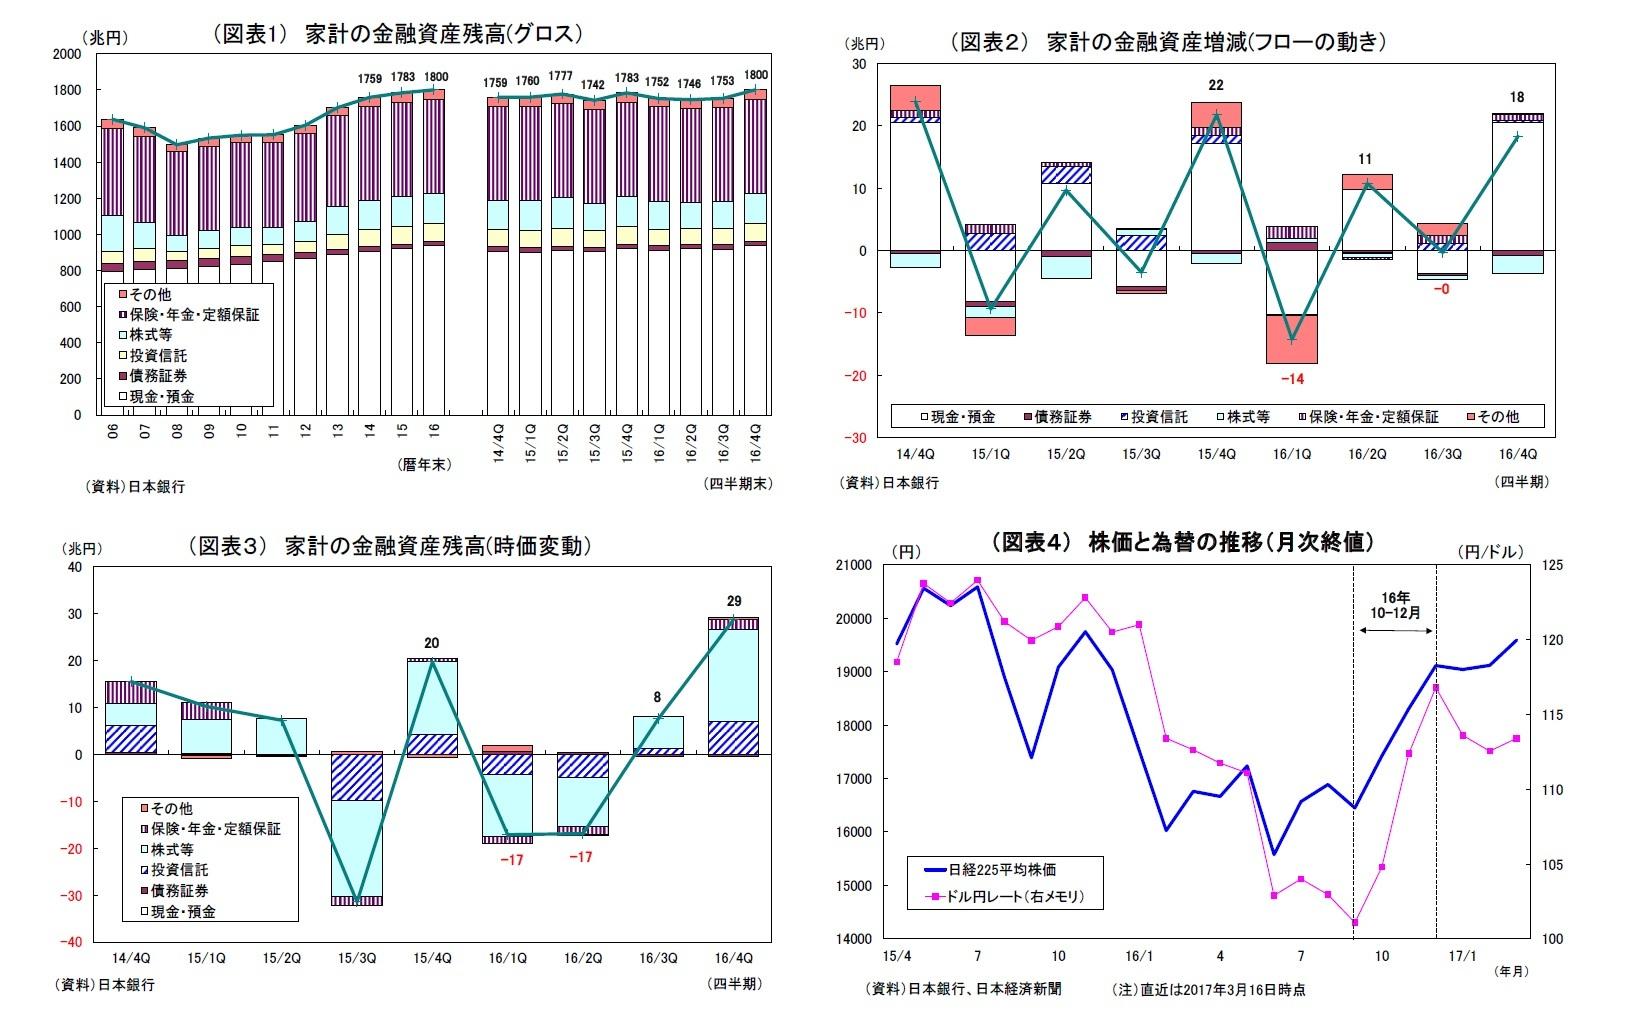 (図表1) 家計の金融資産残高(グロス)/(図表2) 家計の金融資産増減(フローの動き)/(図表3) 家計の金融資産残高(時価変動)/(図表4) 株価と為替の推移(月次終値)